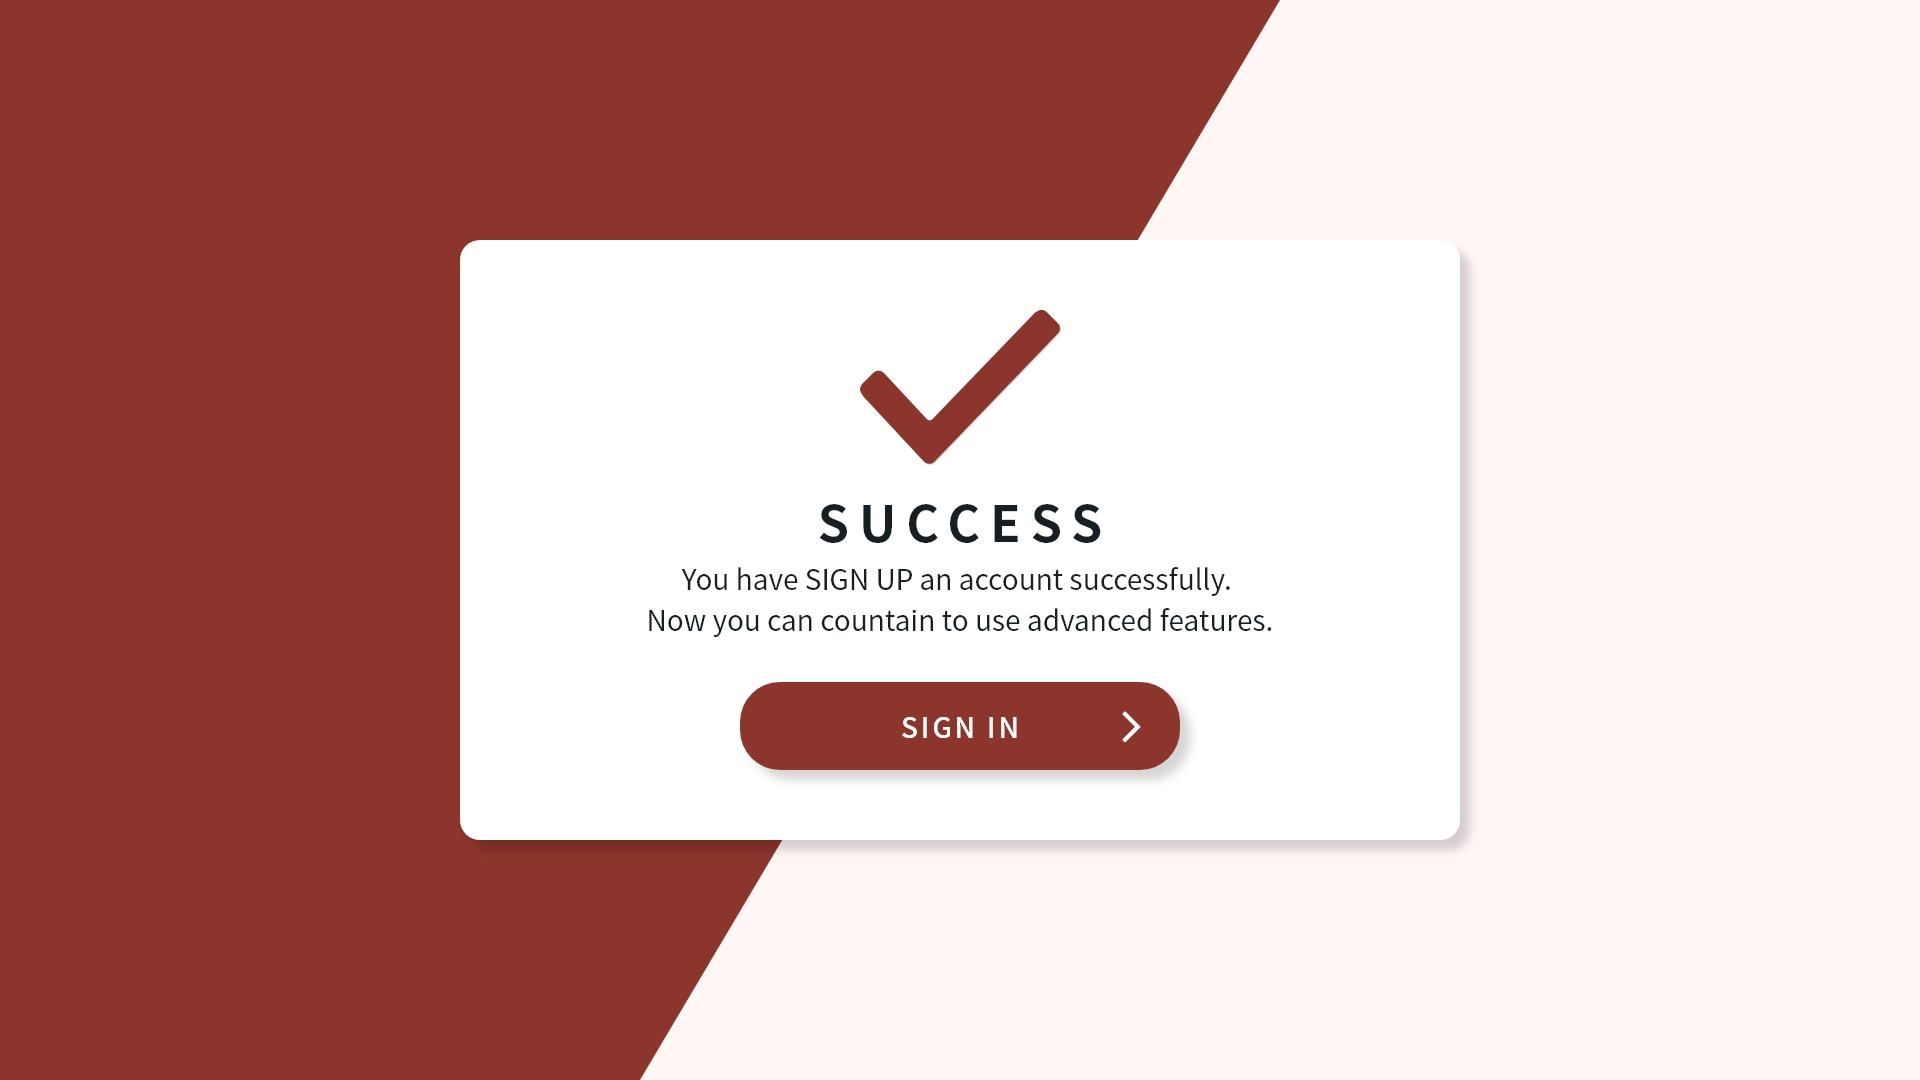 #5 Sign Up Success Dialog